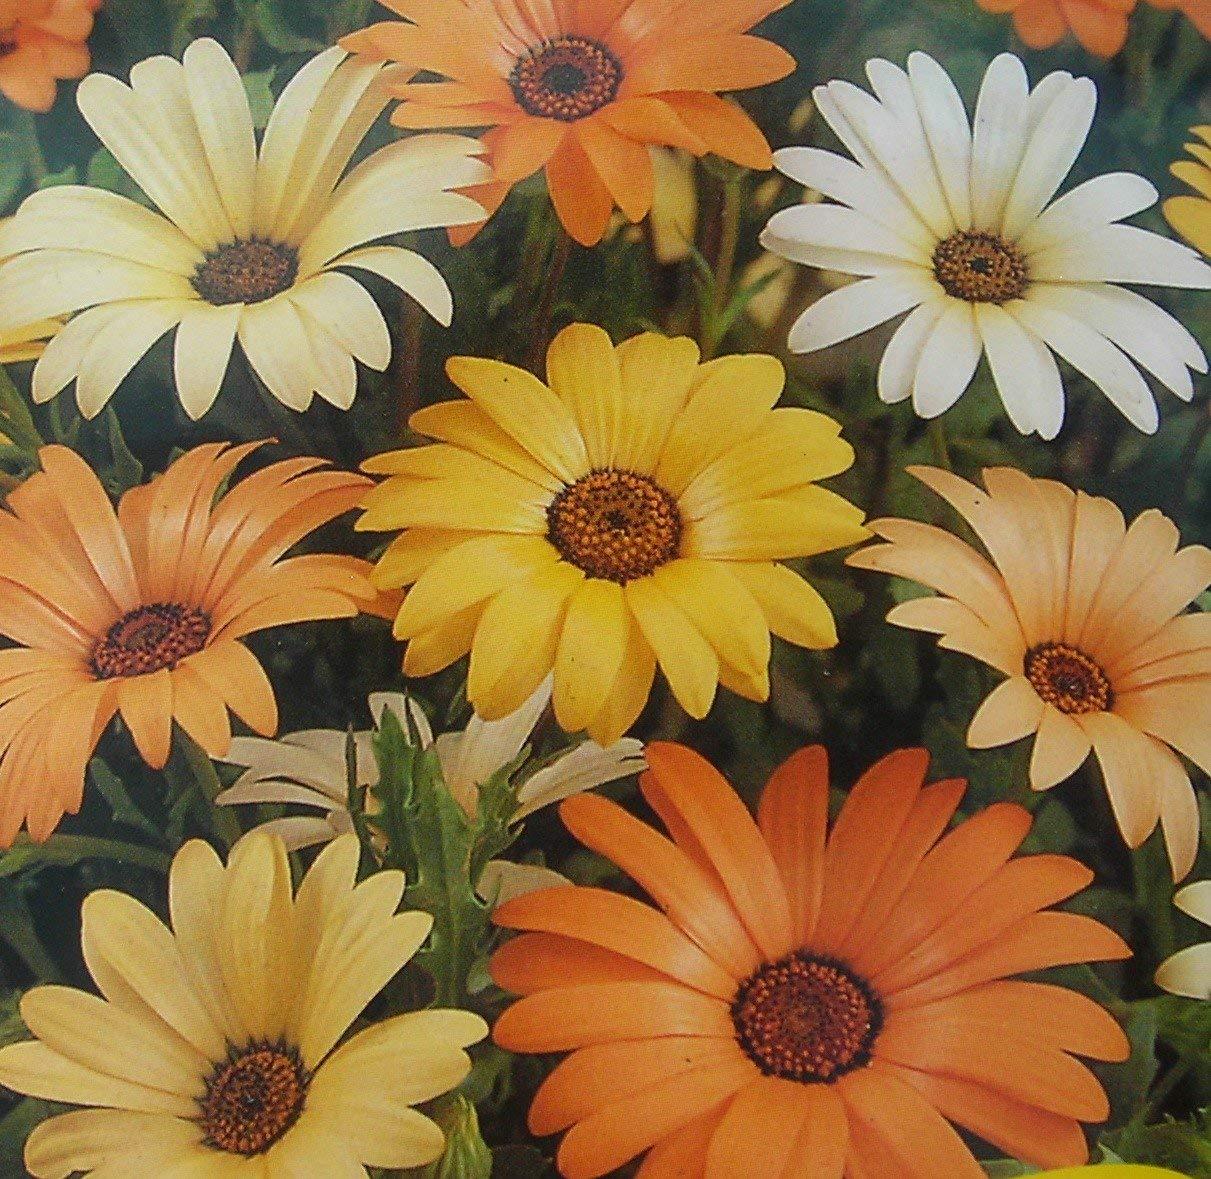 بذر گل گازانیای ساحلی